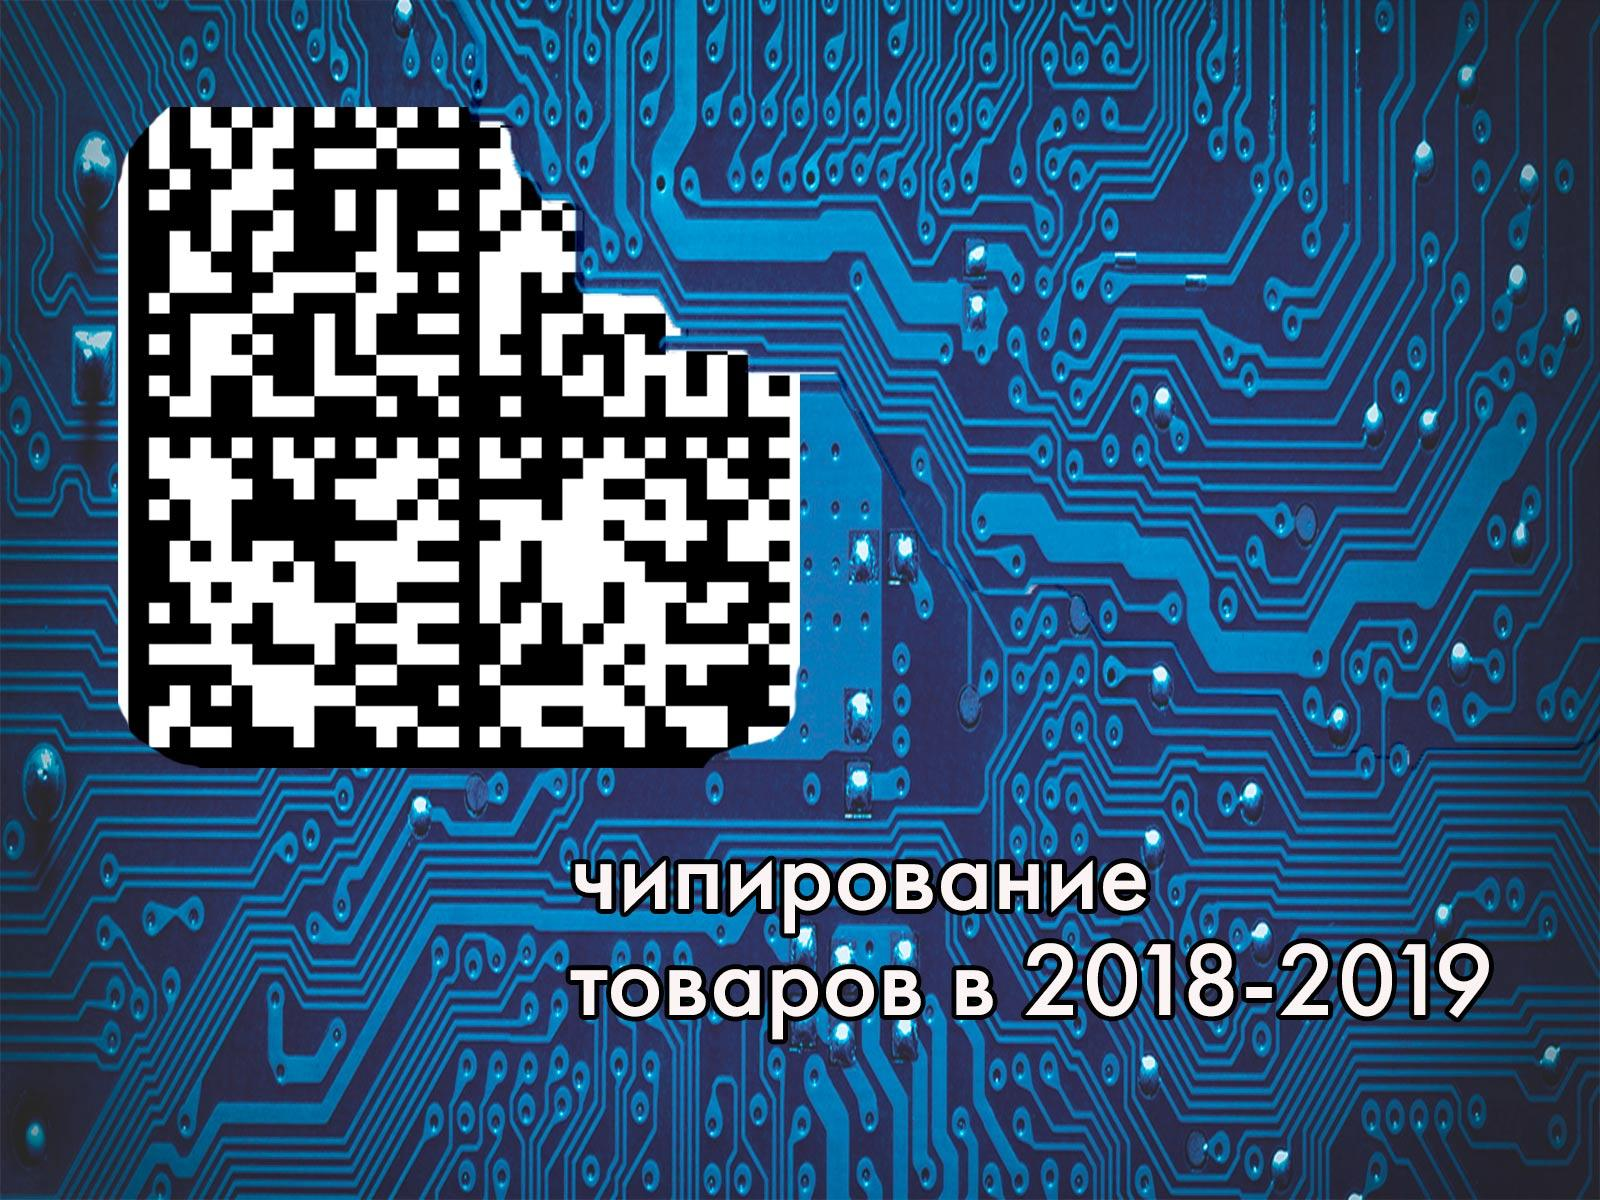 Чипирование товаров в 2018-2019 году